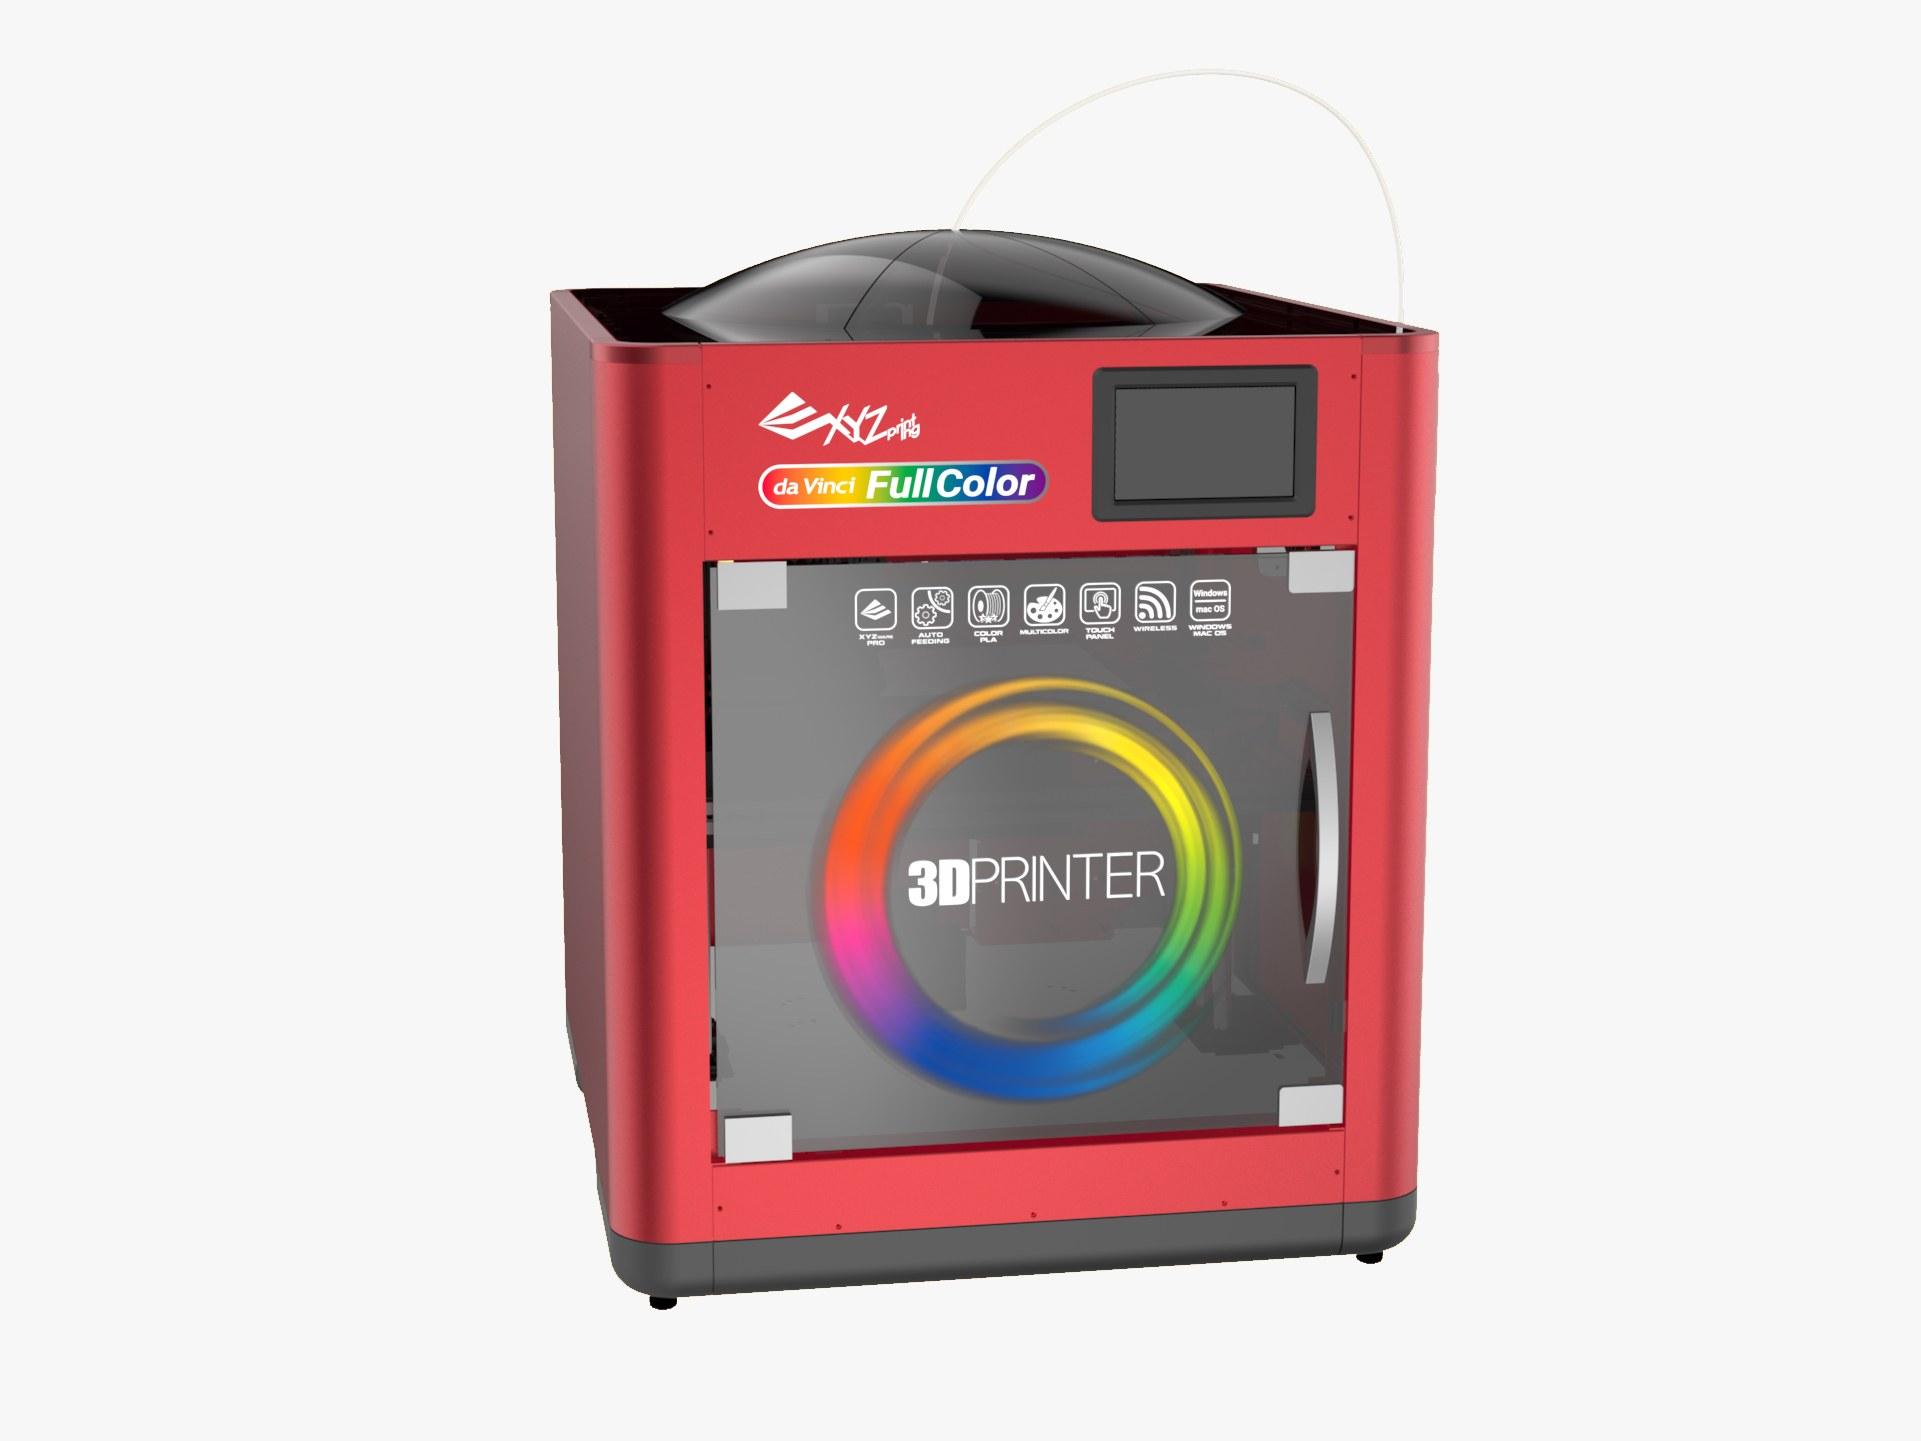 XYZプリンティング、価格3000ドルのフルカラー3Dプリンターをリリース